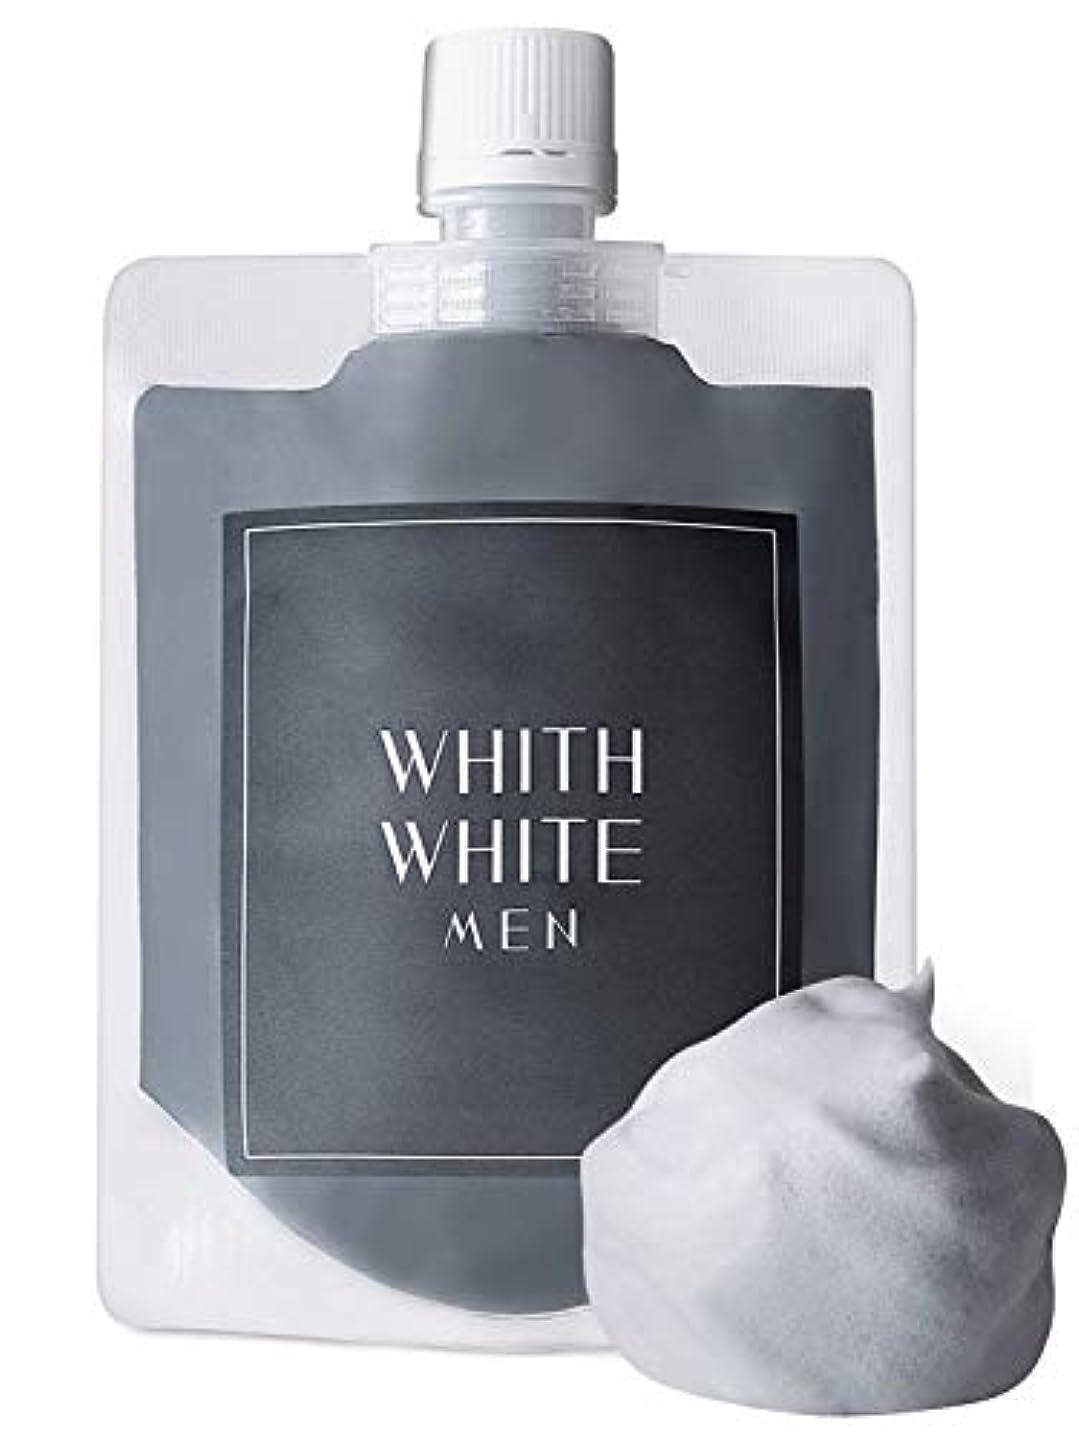 ホバースプーン欺フィス ホワイト メンズ 泥 洗顔 ネット 付き 8つの 無添加 洗顔フォーム (炭 泡 クレイ で 顔 汚れ を 落とす) (日本製 洗顔料 130g リッチ セット)(どろ で 毛穴 を ごっそり 除去)